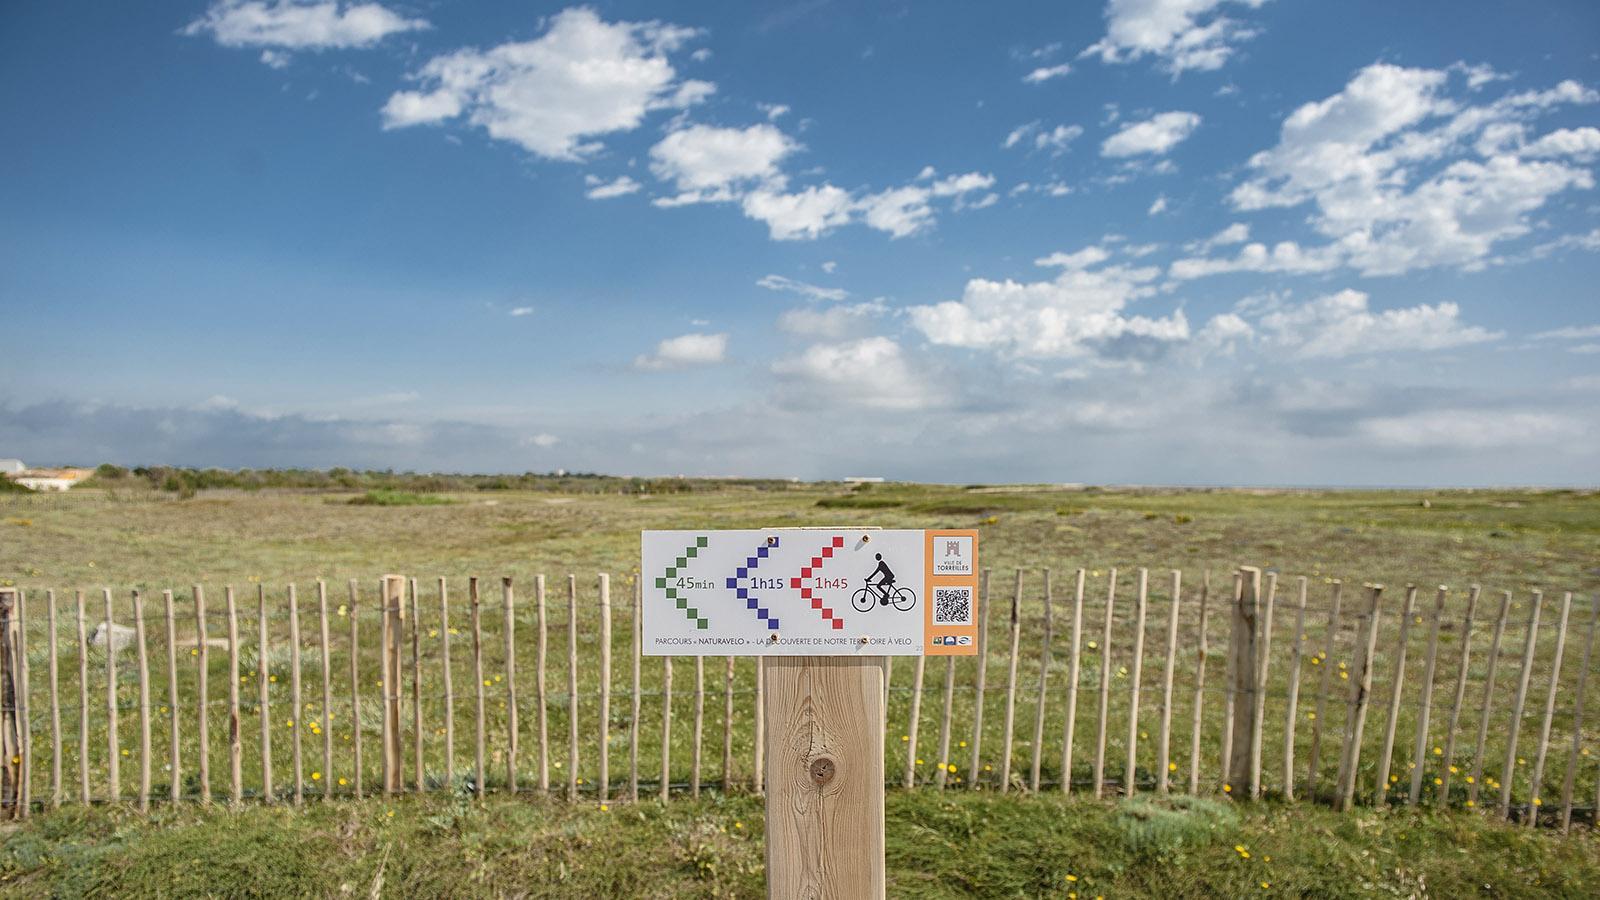 In Torreilles führen mehrere Radwege durch das Schwemmland des Agly, seine Salzmarschen und Dünenreste. Foto: Hilke Maunder